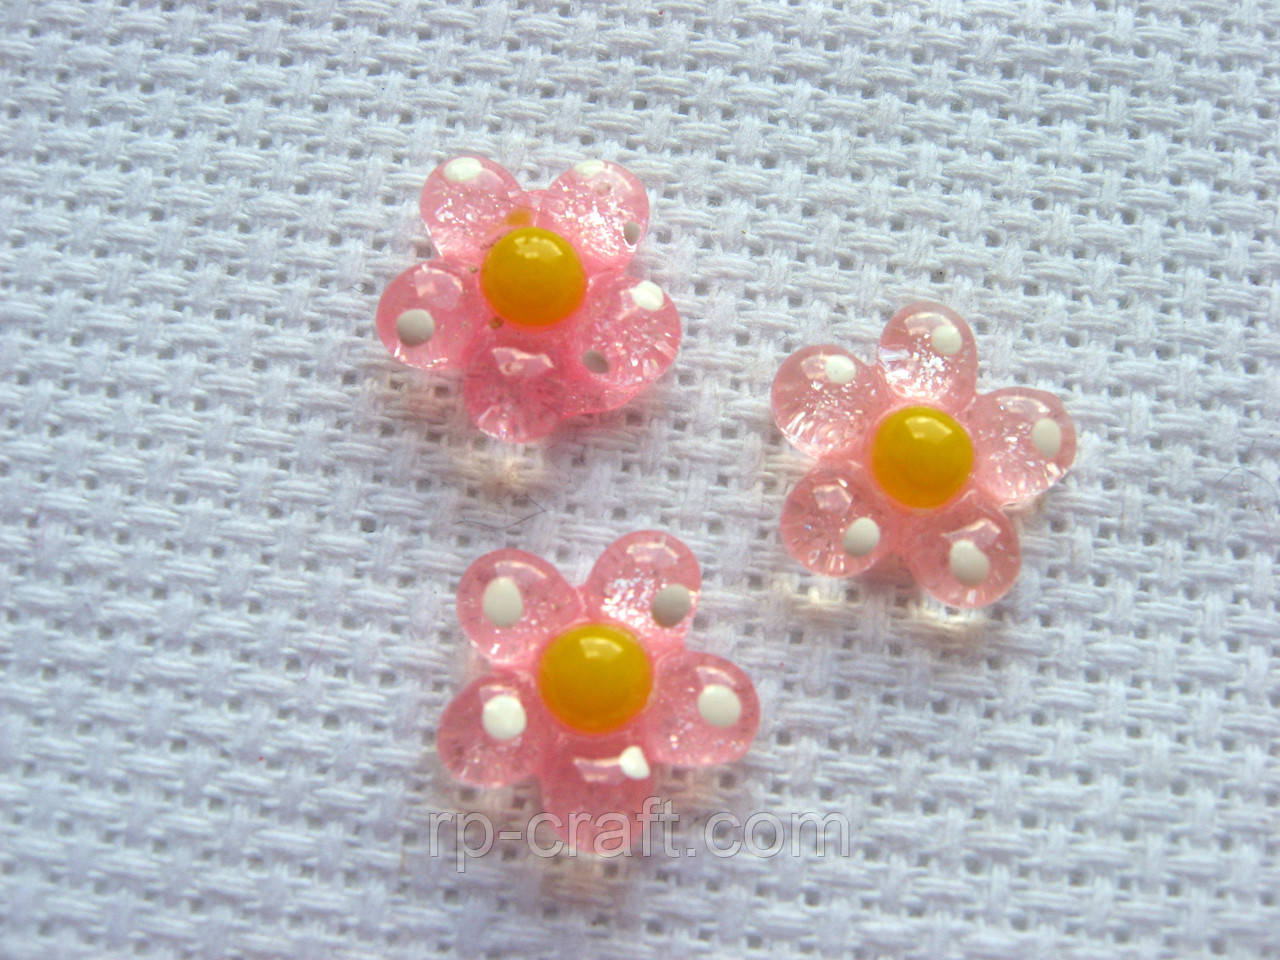 Декор для бантов и скрапбукинга.  Розовый цветок.